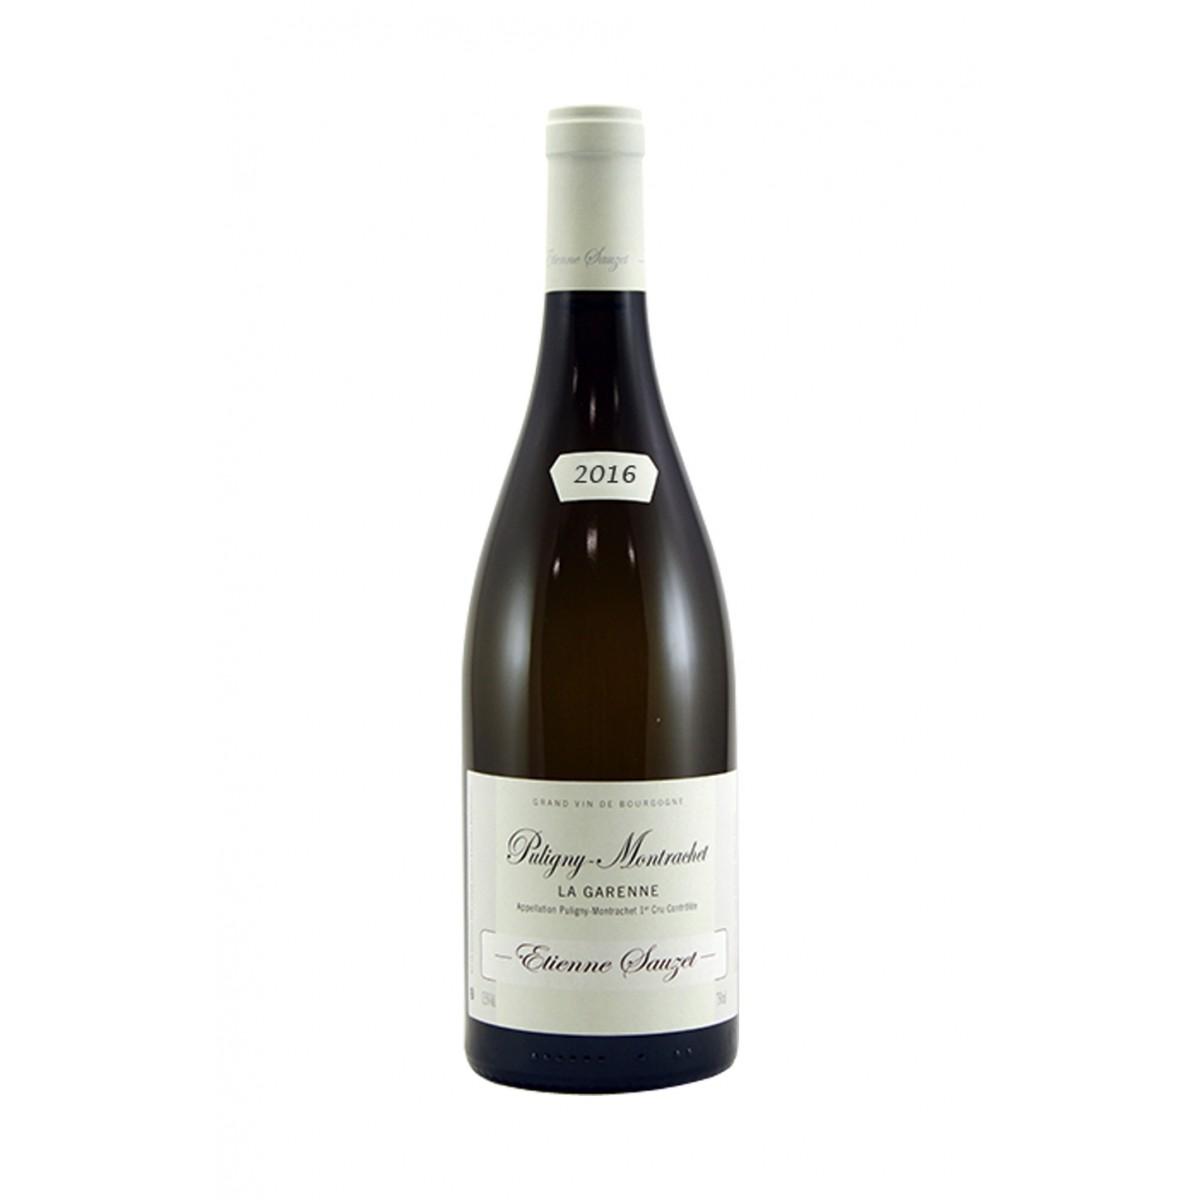 Puligny-Montrachet 1er Cru La Garenne 2016 - Domaine Etienne Sauzet